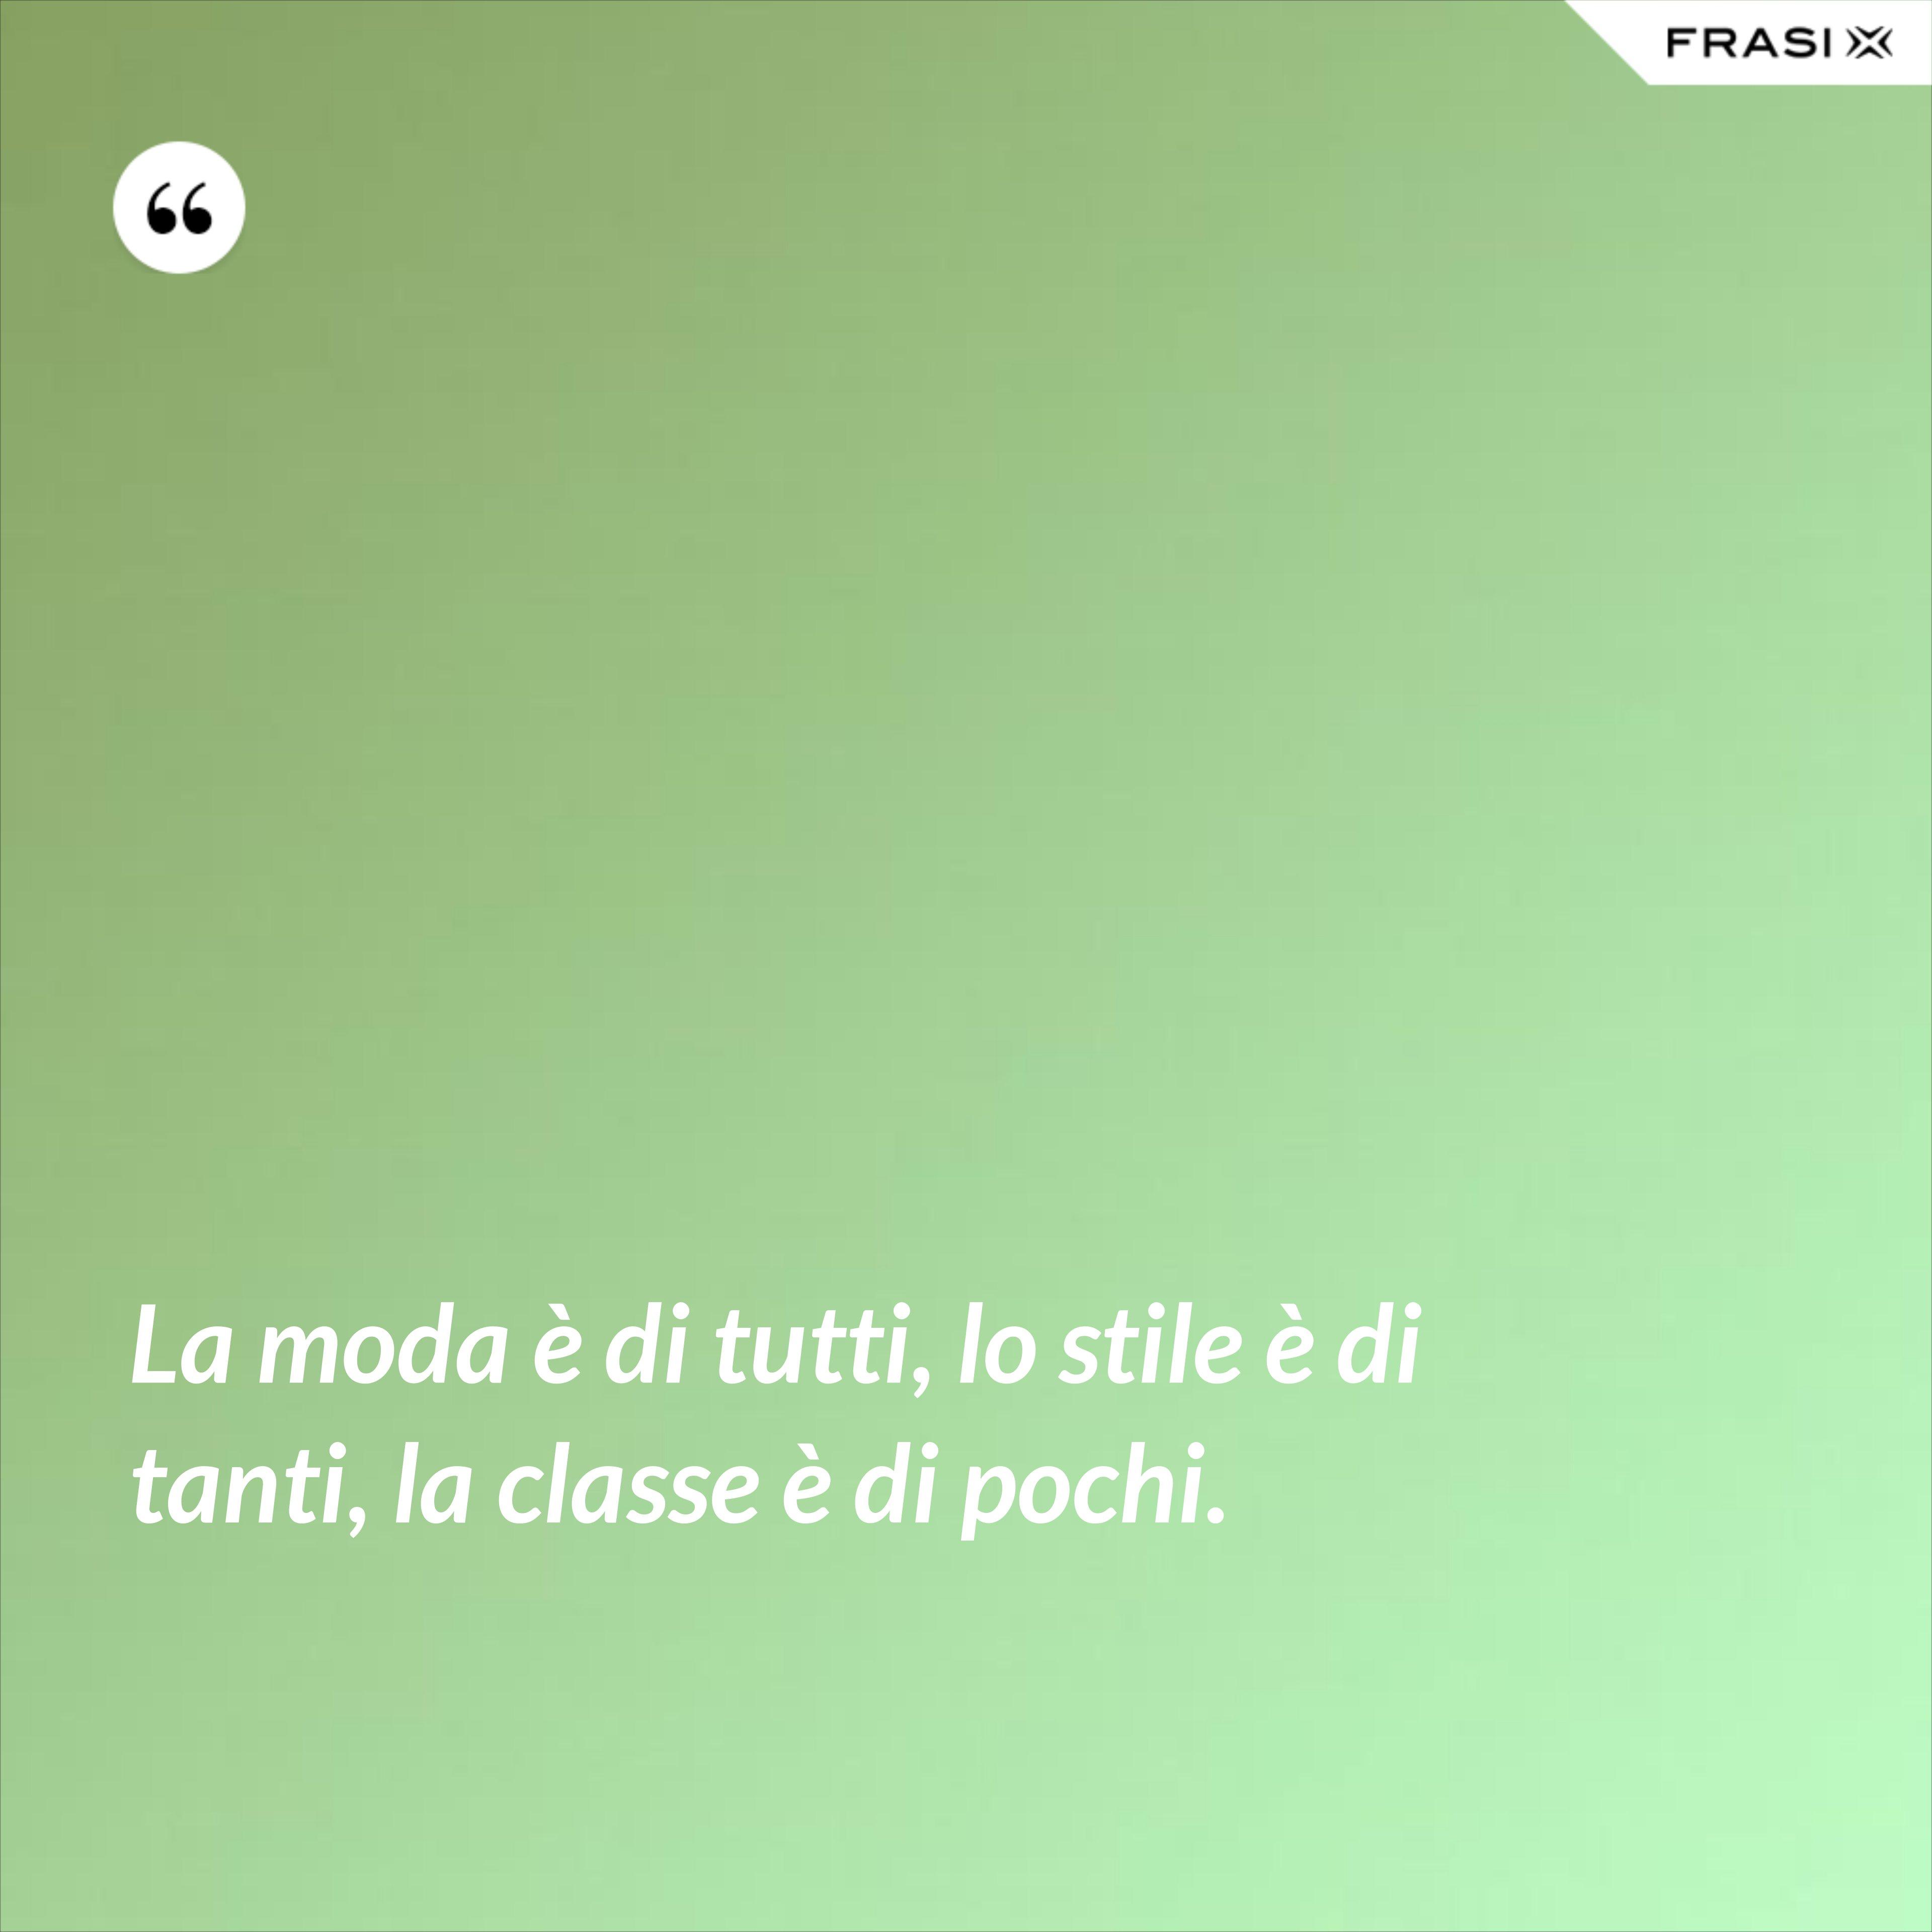 La moda è di tutti, lo stile è di tanti, la classe è di pochi. - Anonimo